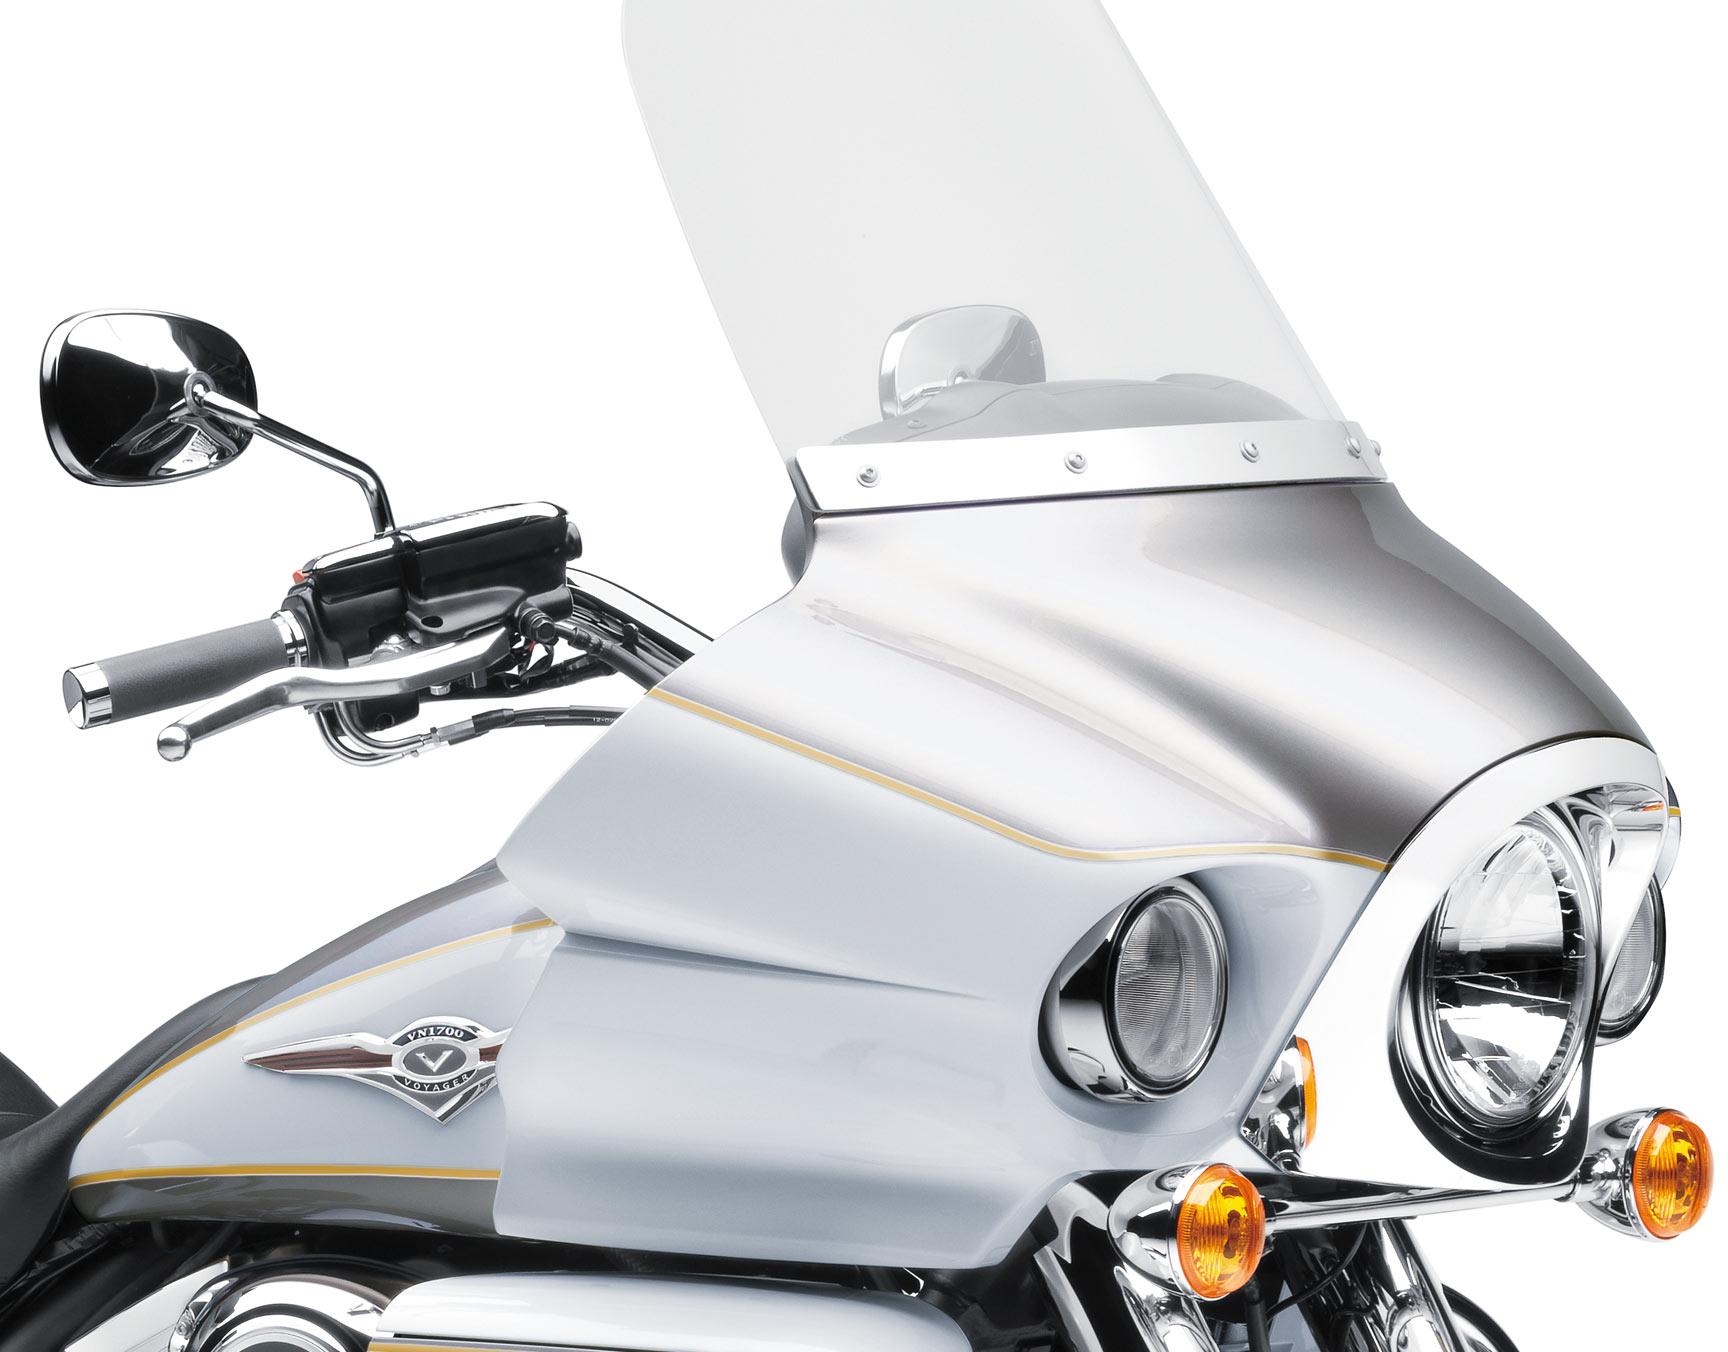 Kawasaki W650 Wiring Diagramon Kawasaki Motorcycle Ps Diagrams